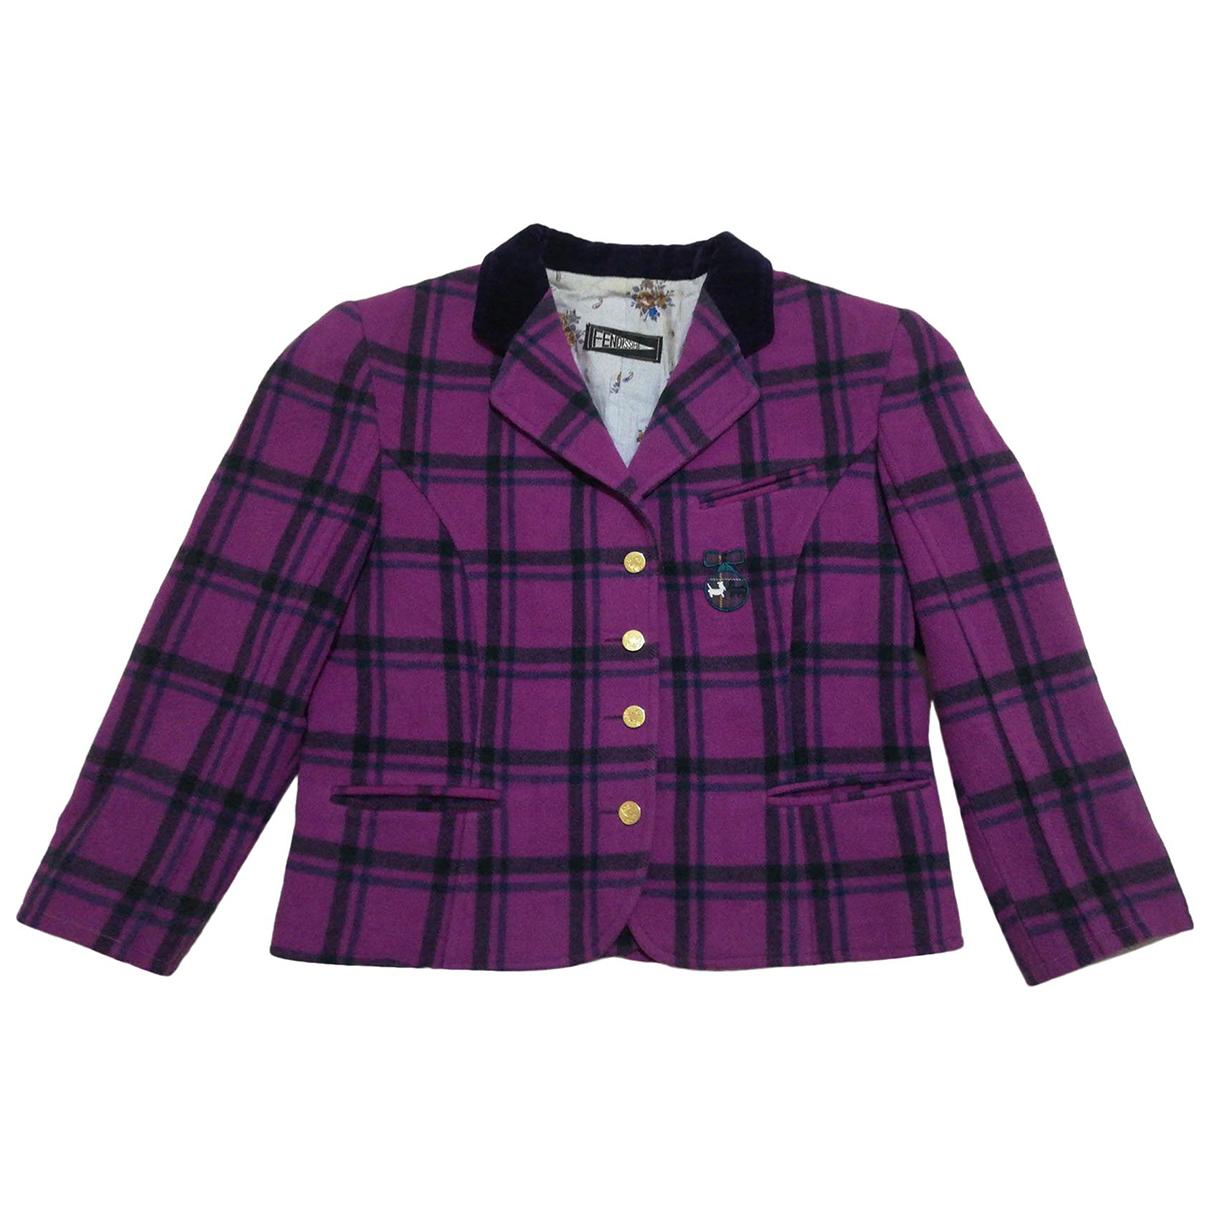 Fendissime - Veste   pour femme en laine - multicolore